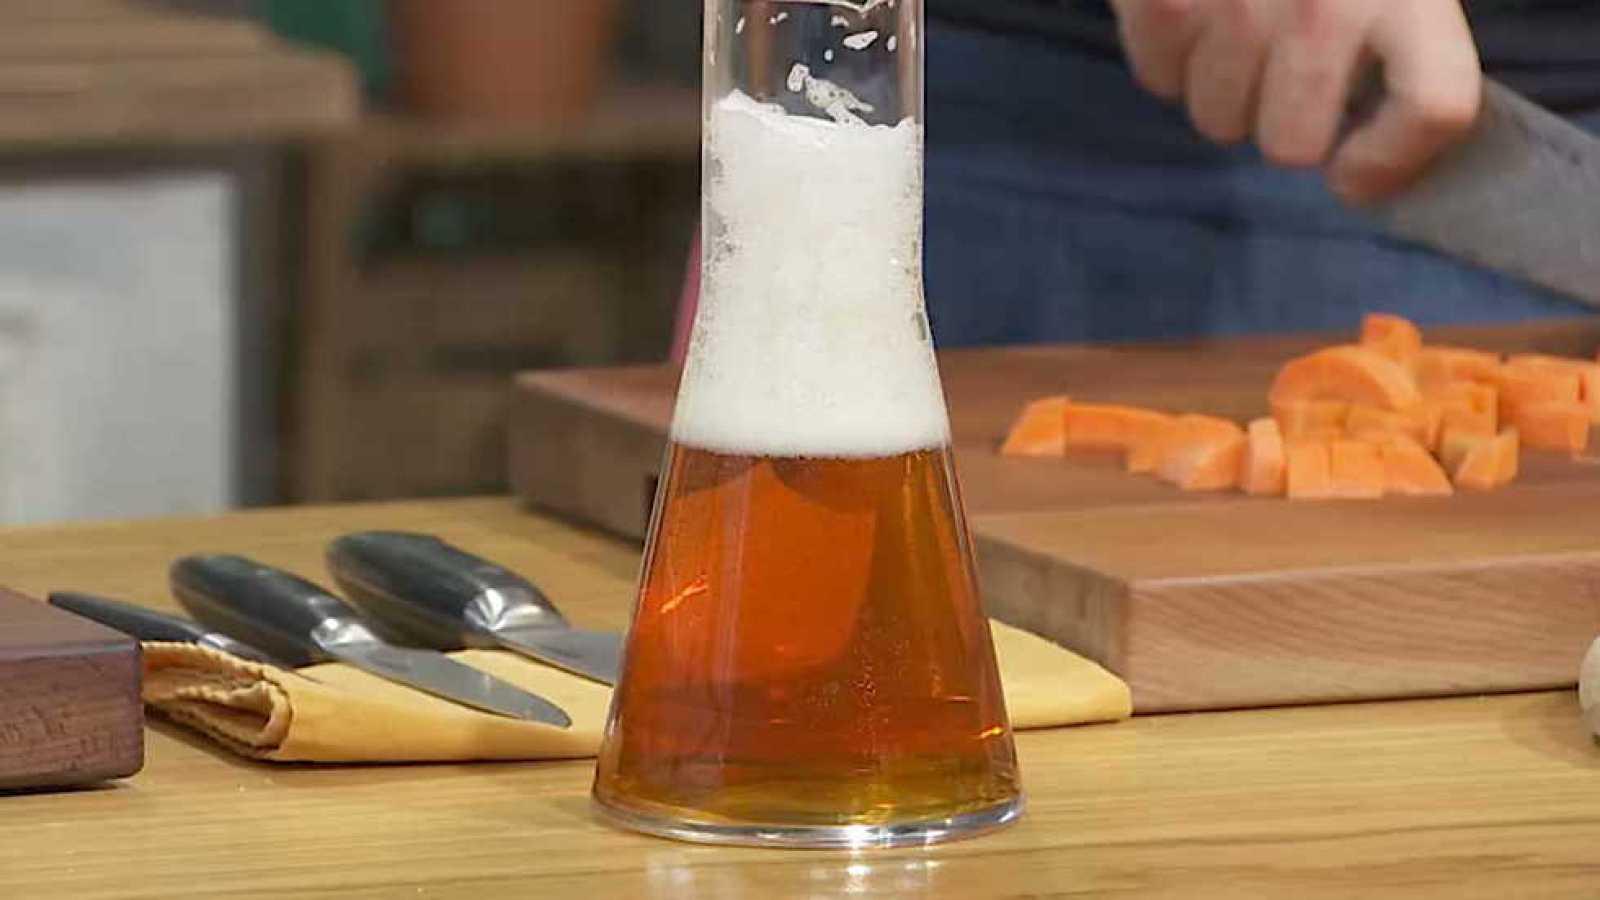 Torres en la cocina - Cocinamos con cerveza - RTVE.es